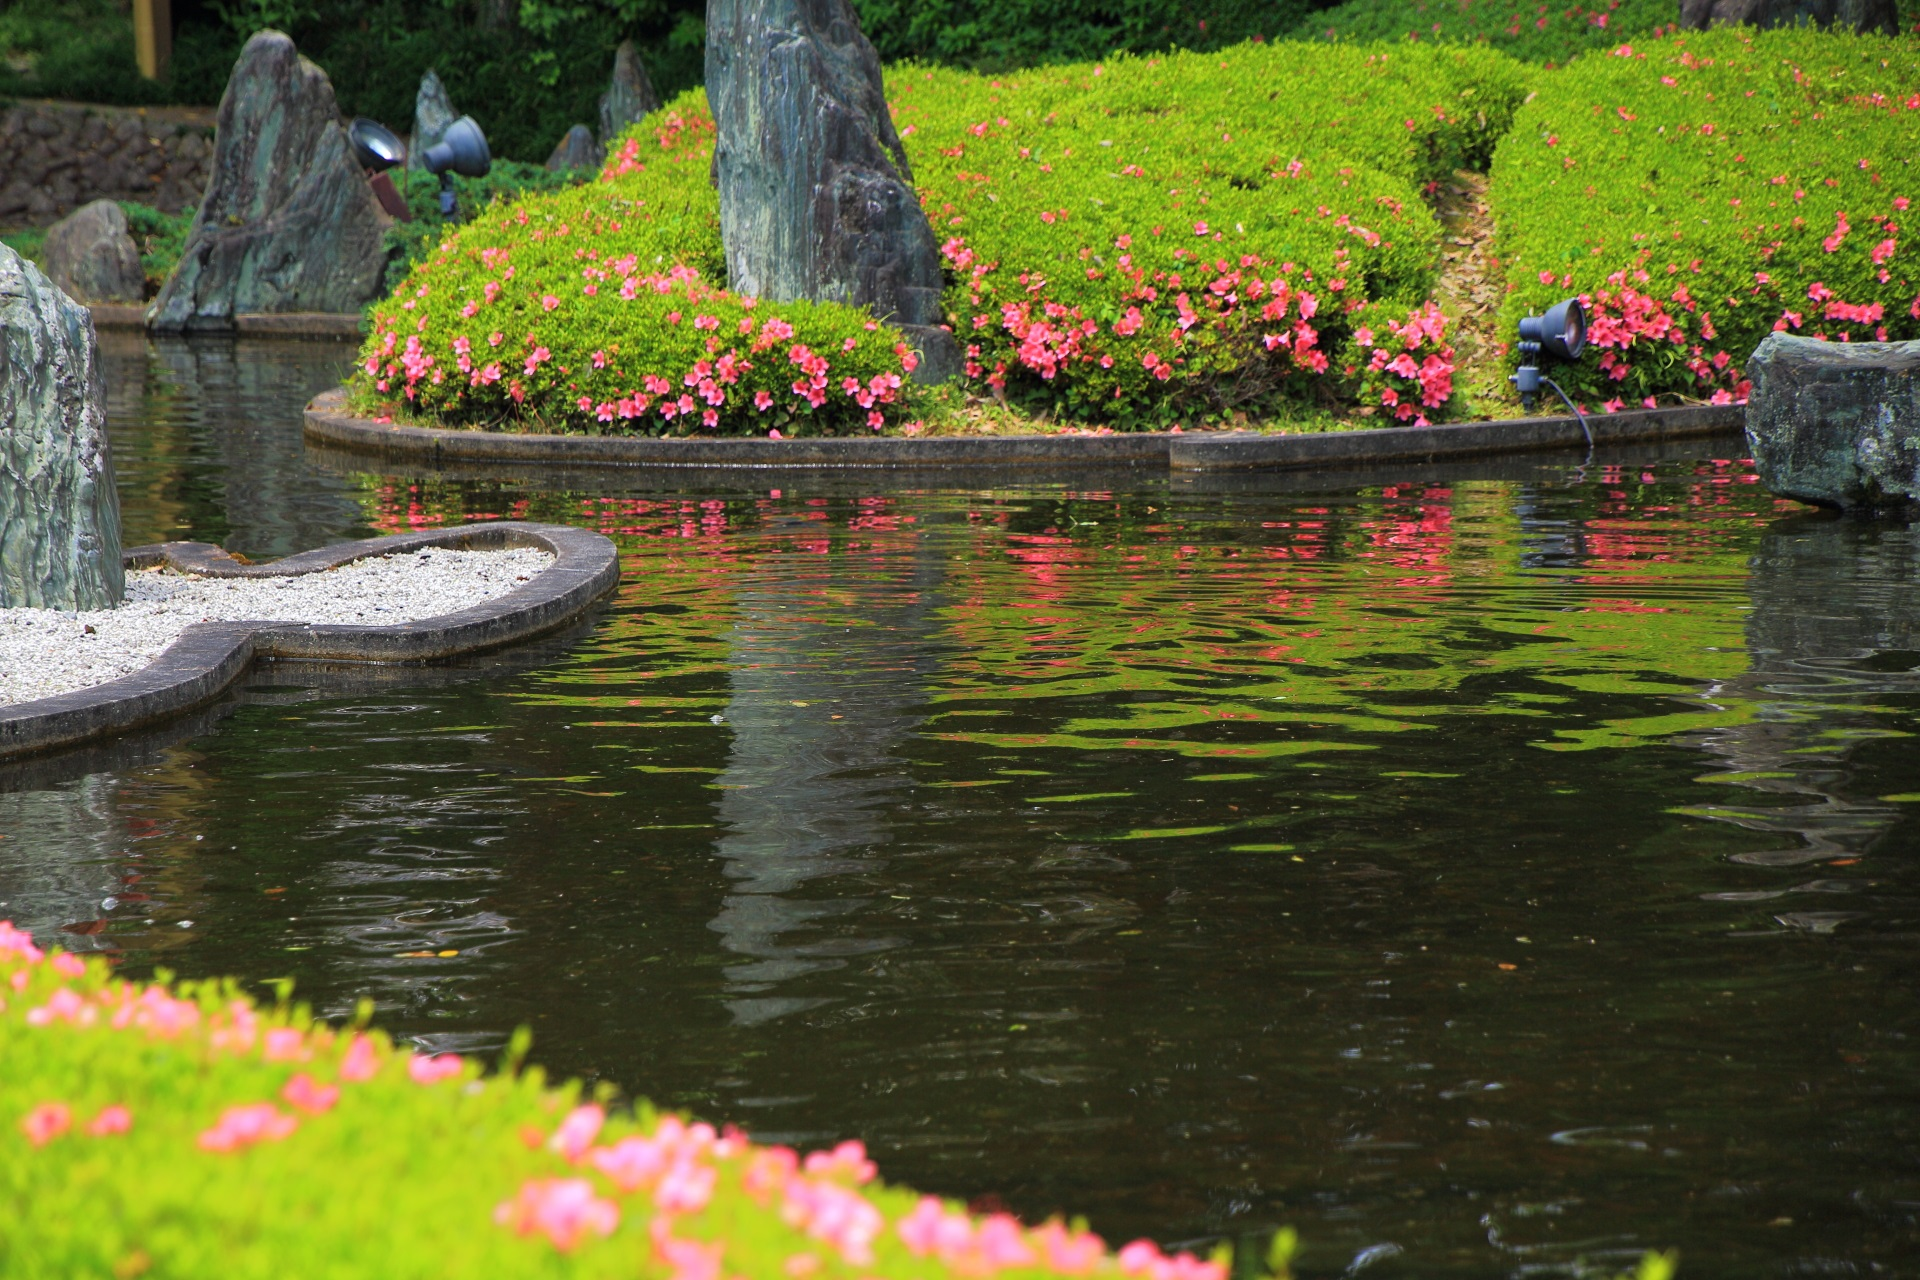 松尾大社の蓬莱の庭のおそらくパラパラ咲きの品種のサツキのピンクと緑